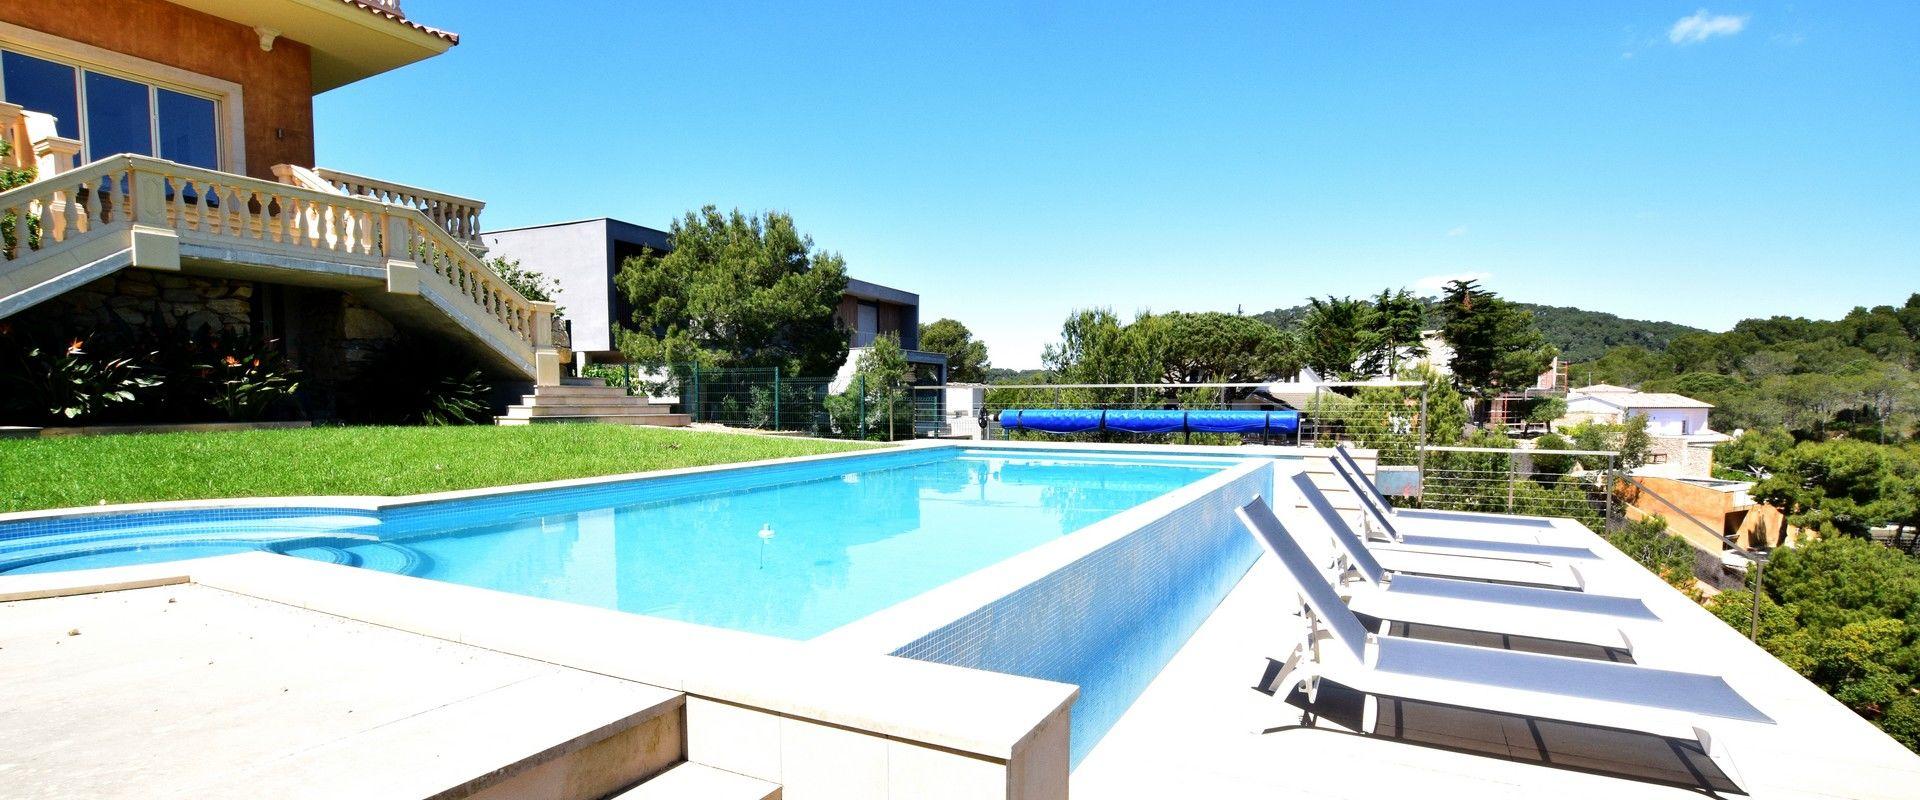 Location villa luxe avec piscine et vue mer aiguablava begur - Location begur avec piscine ...